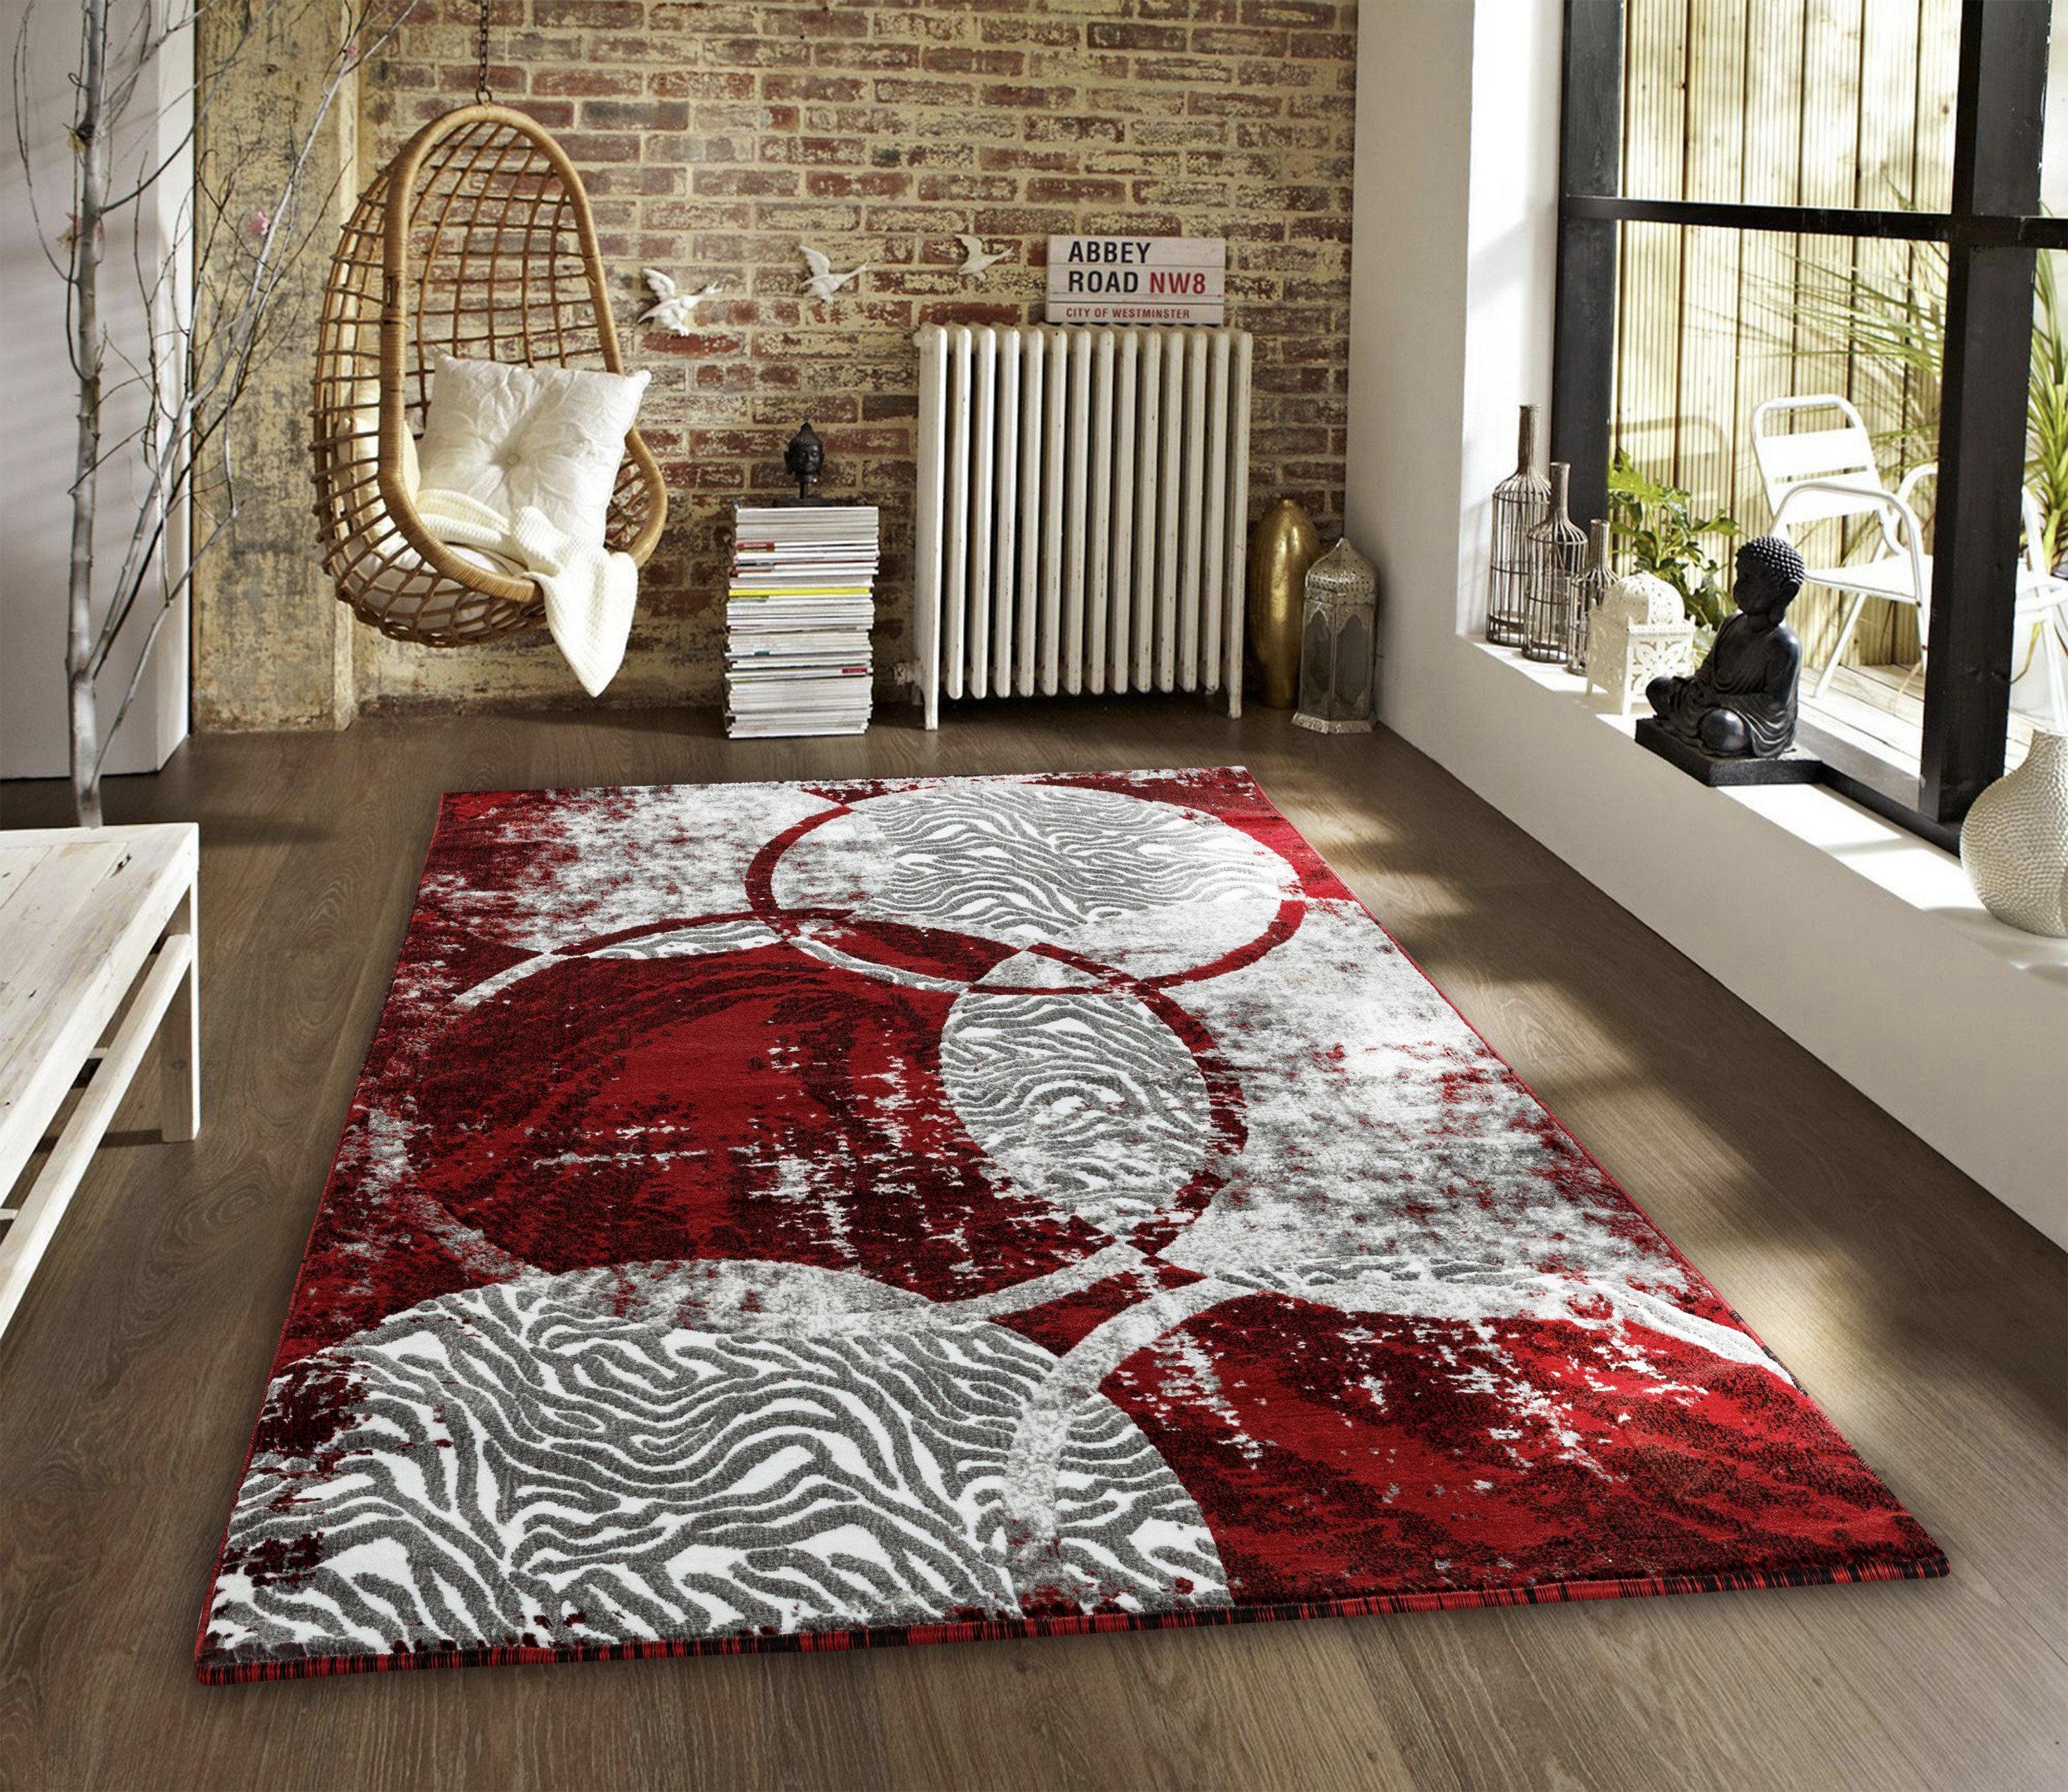 Ebern Designs Kimbrel Abstract Red Gray Area Rug Reviews Wayfair